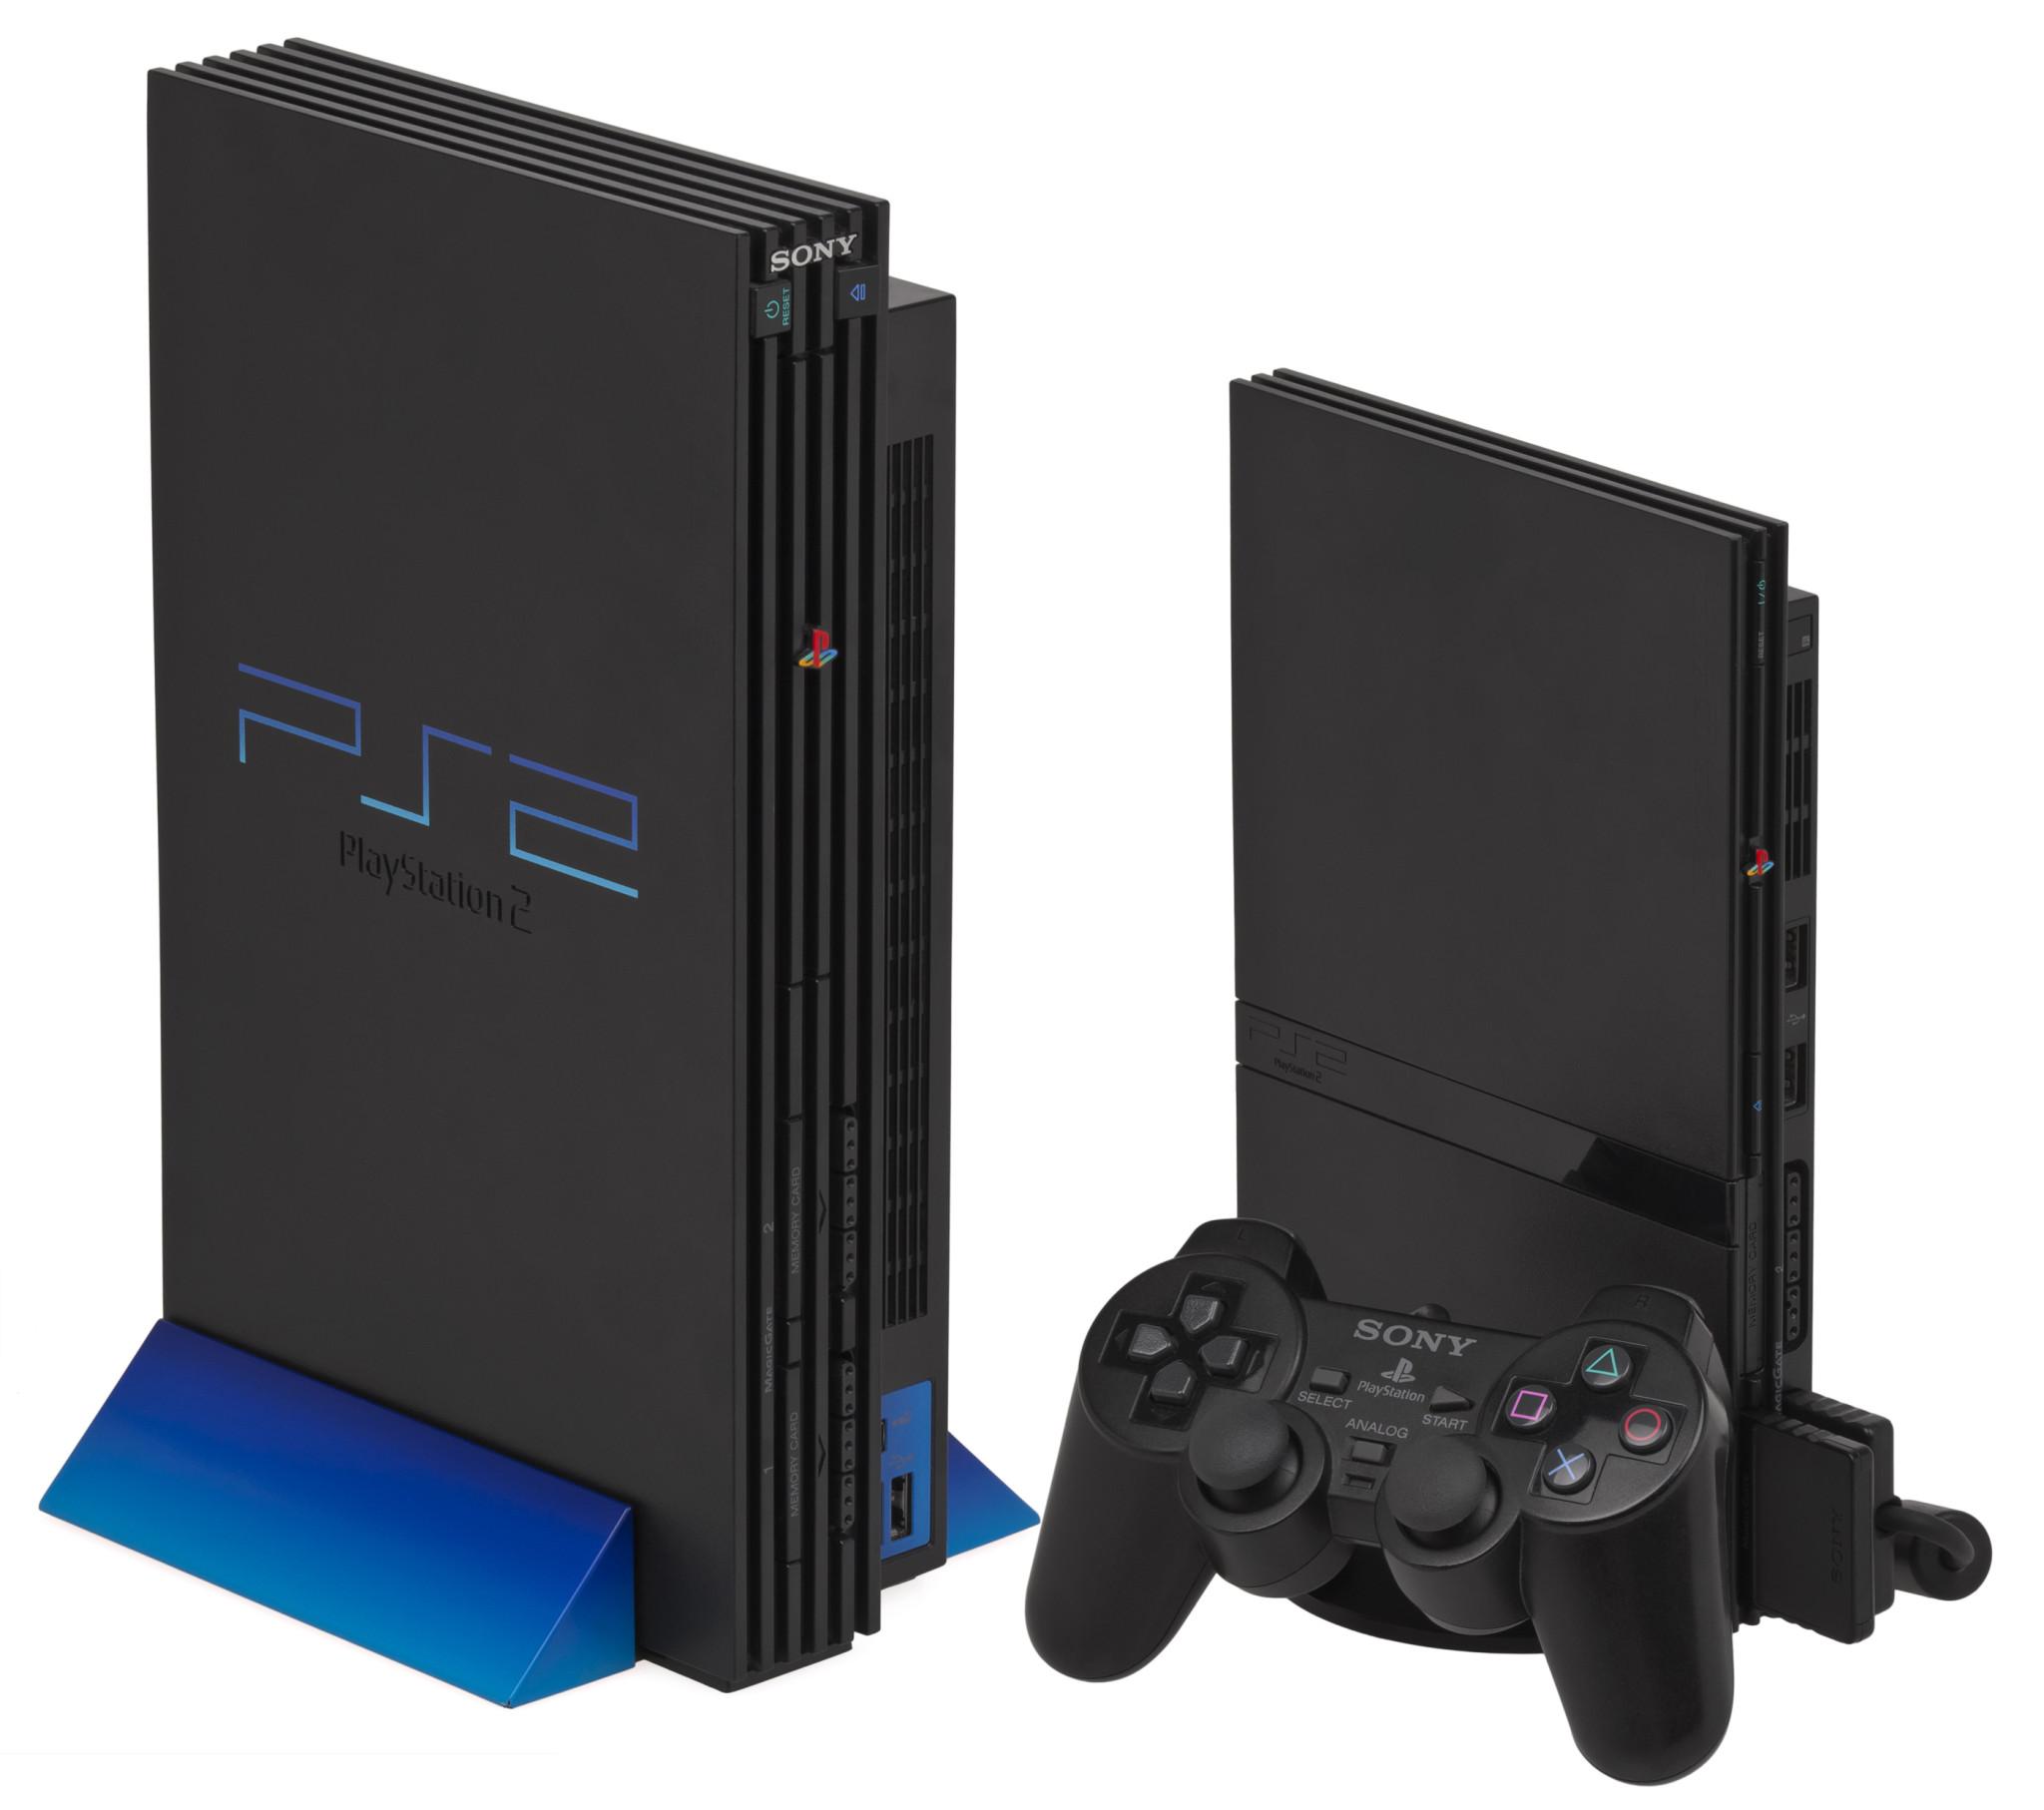 تعرف على تاريخ منصات Playstation وكيف إتجهت Sony لصناعة ألعاب الفيديو